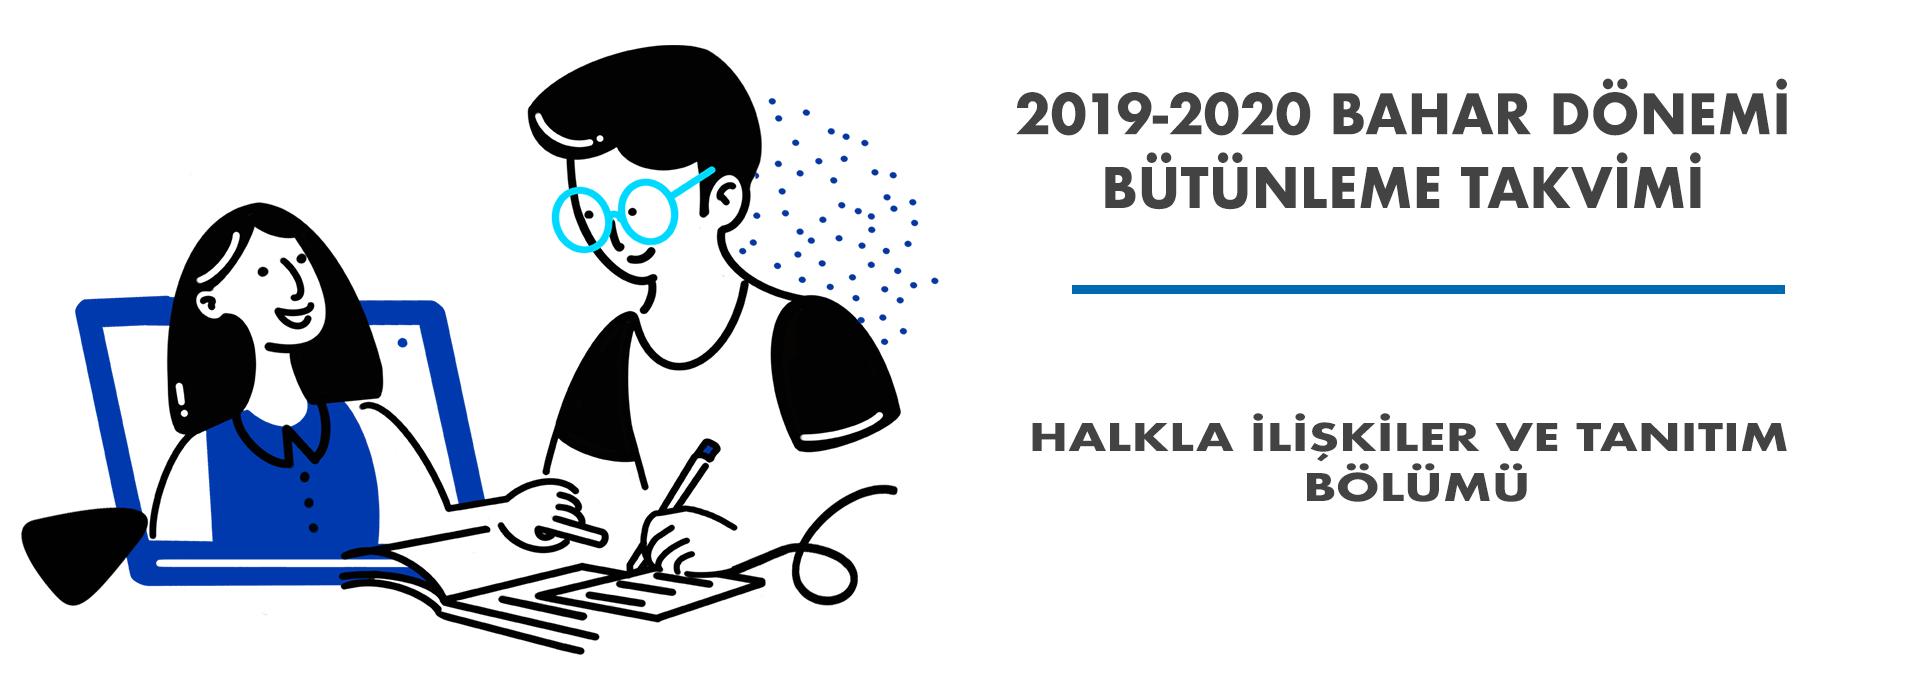 Halkla İlişkiler ve Tanıtım Bölümü 2020 Bahar Dönemi Bütünleme Takvimi